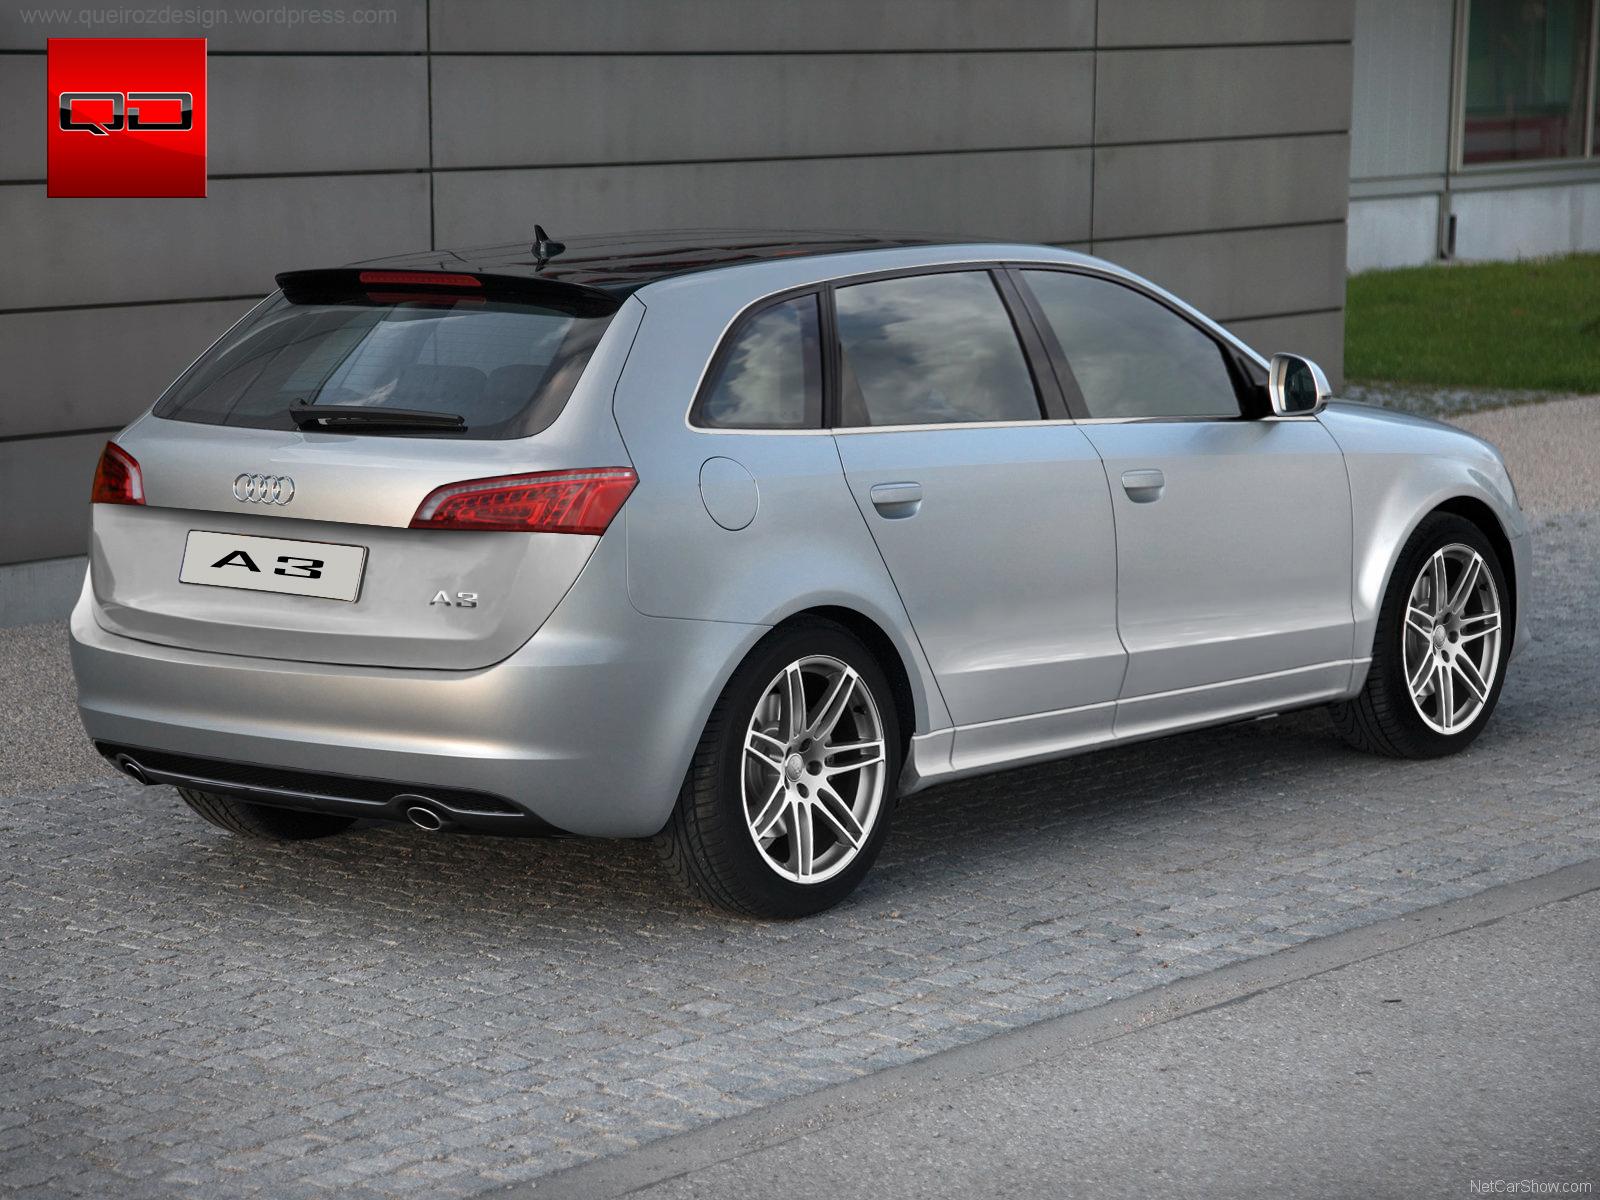 Novo Audi A3 - Clique na Imagem para Ampliar